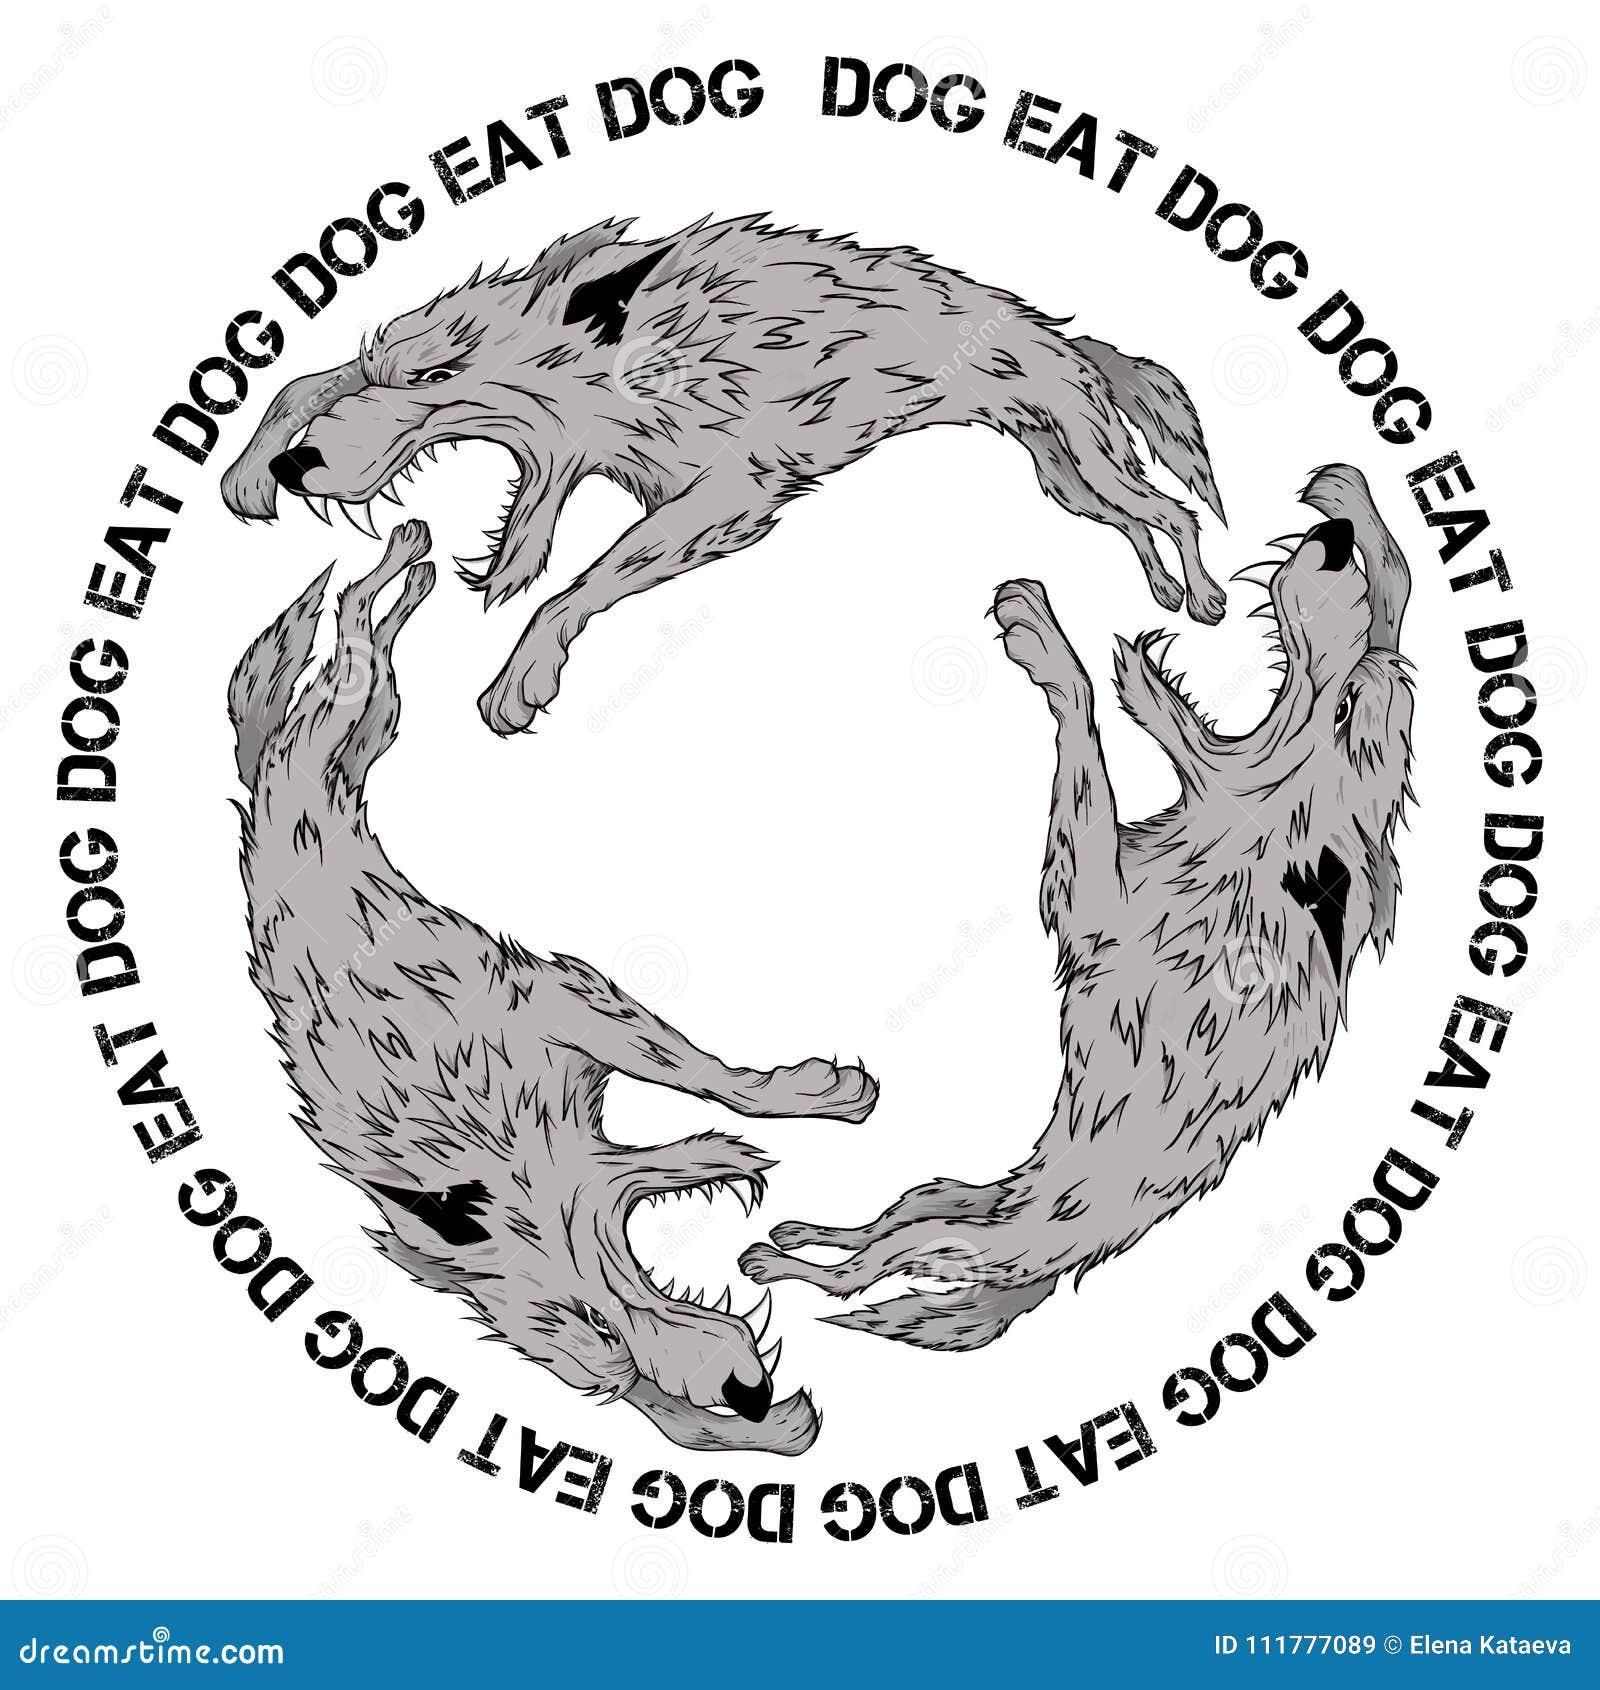 Διανυσματική εικόνα των λύκων που δαγκώνουν ο ένας τον άλλον